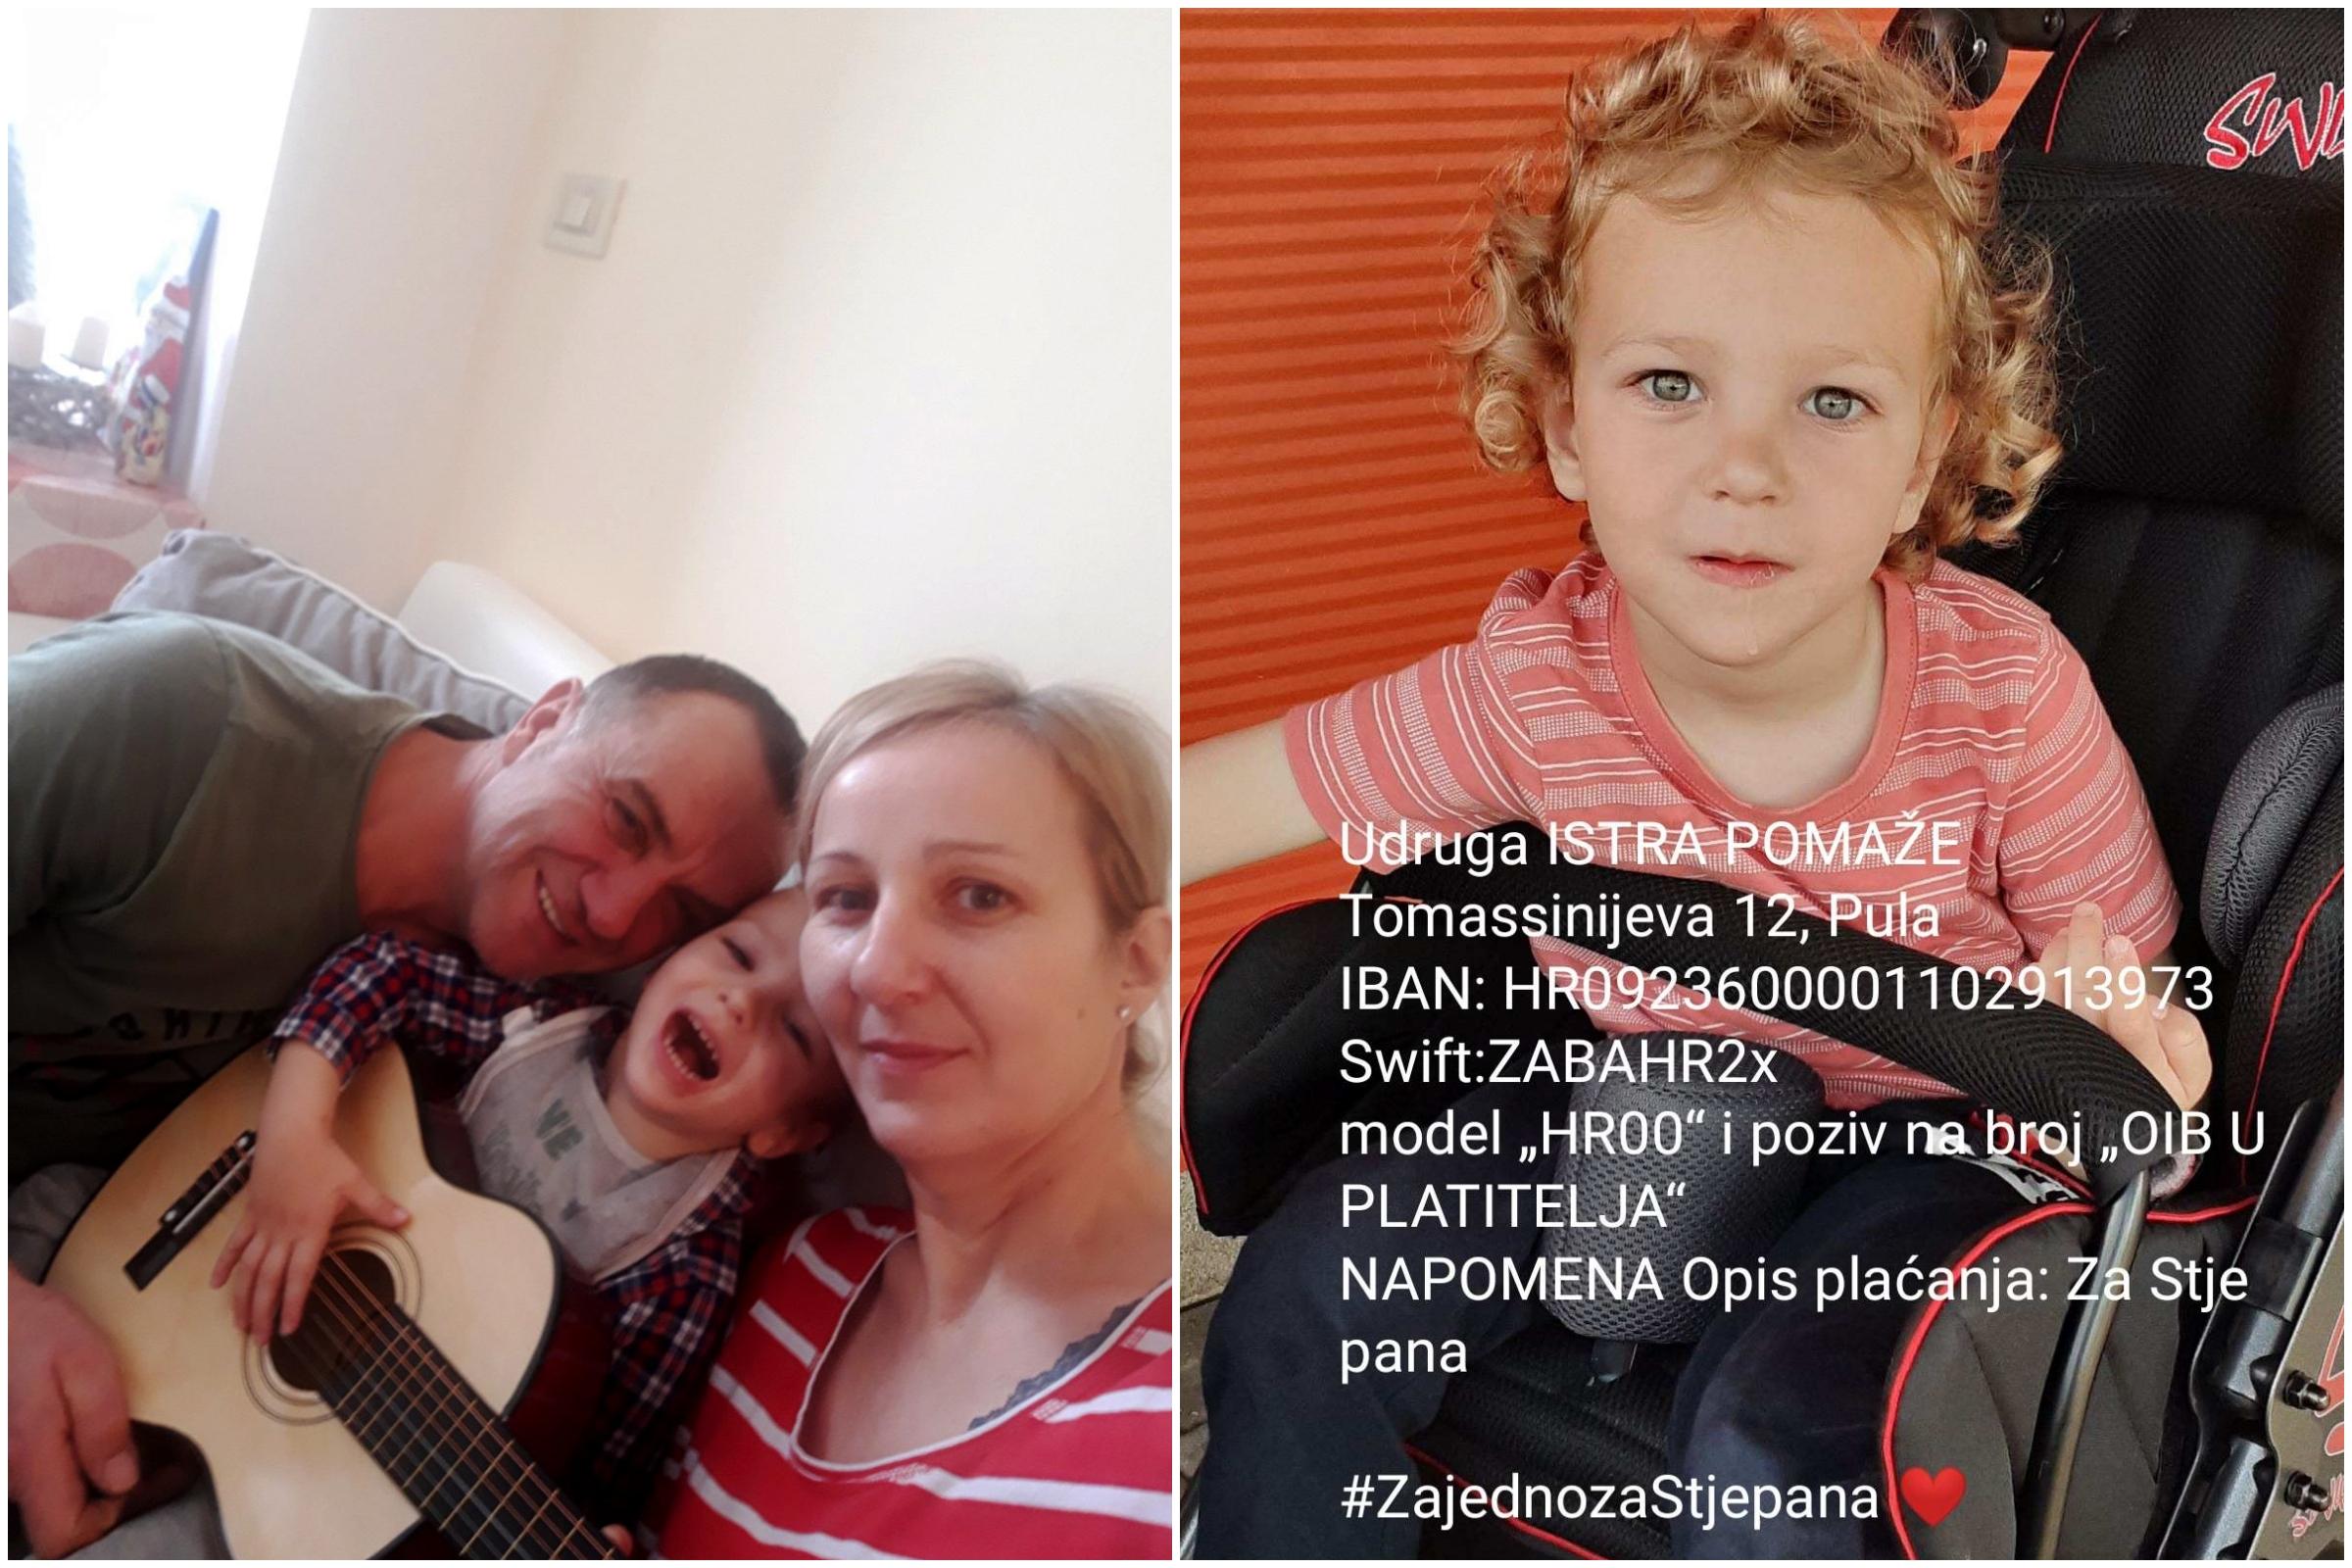 Foto Istra pomaže